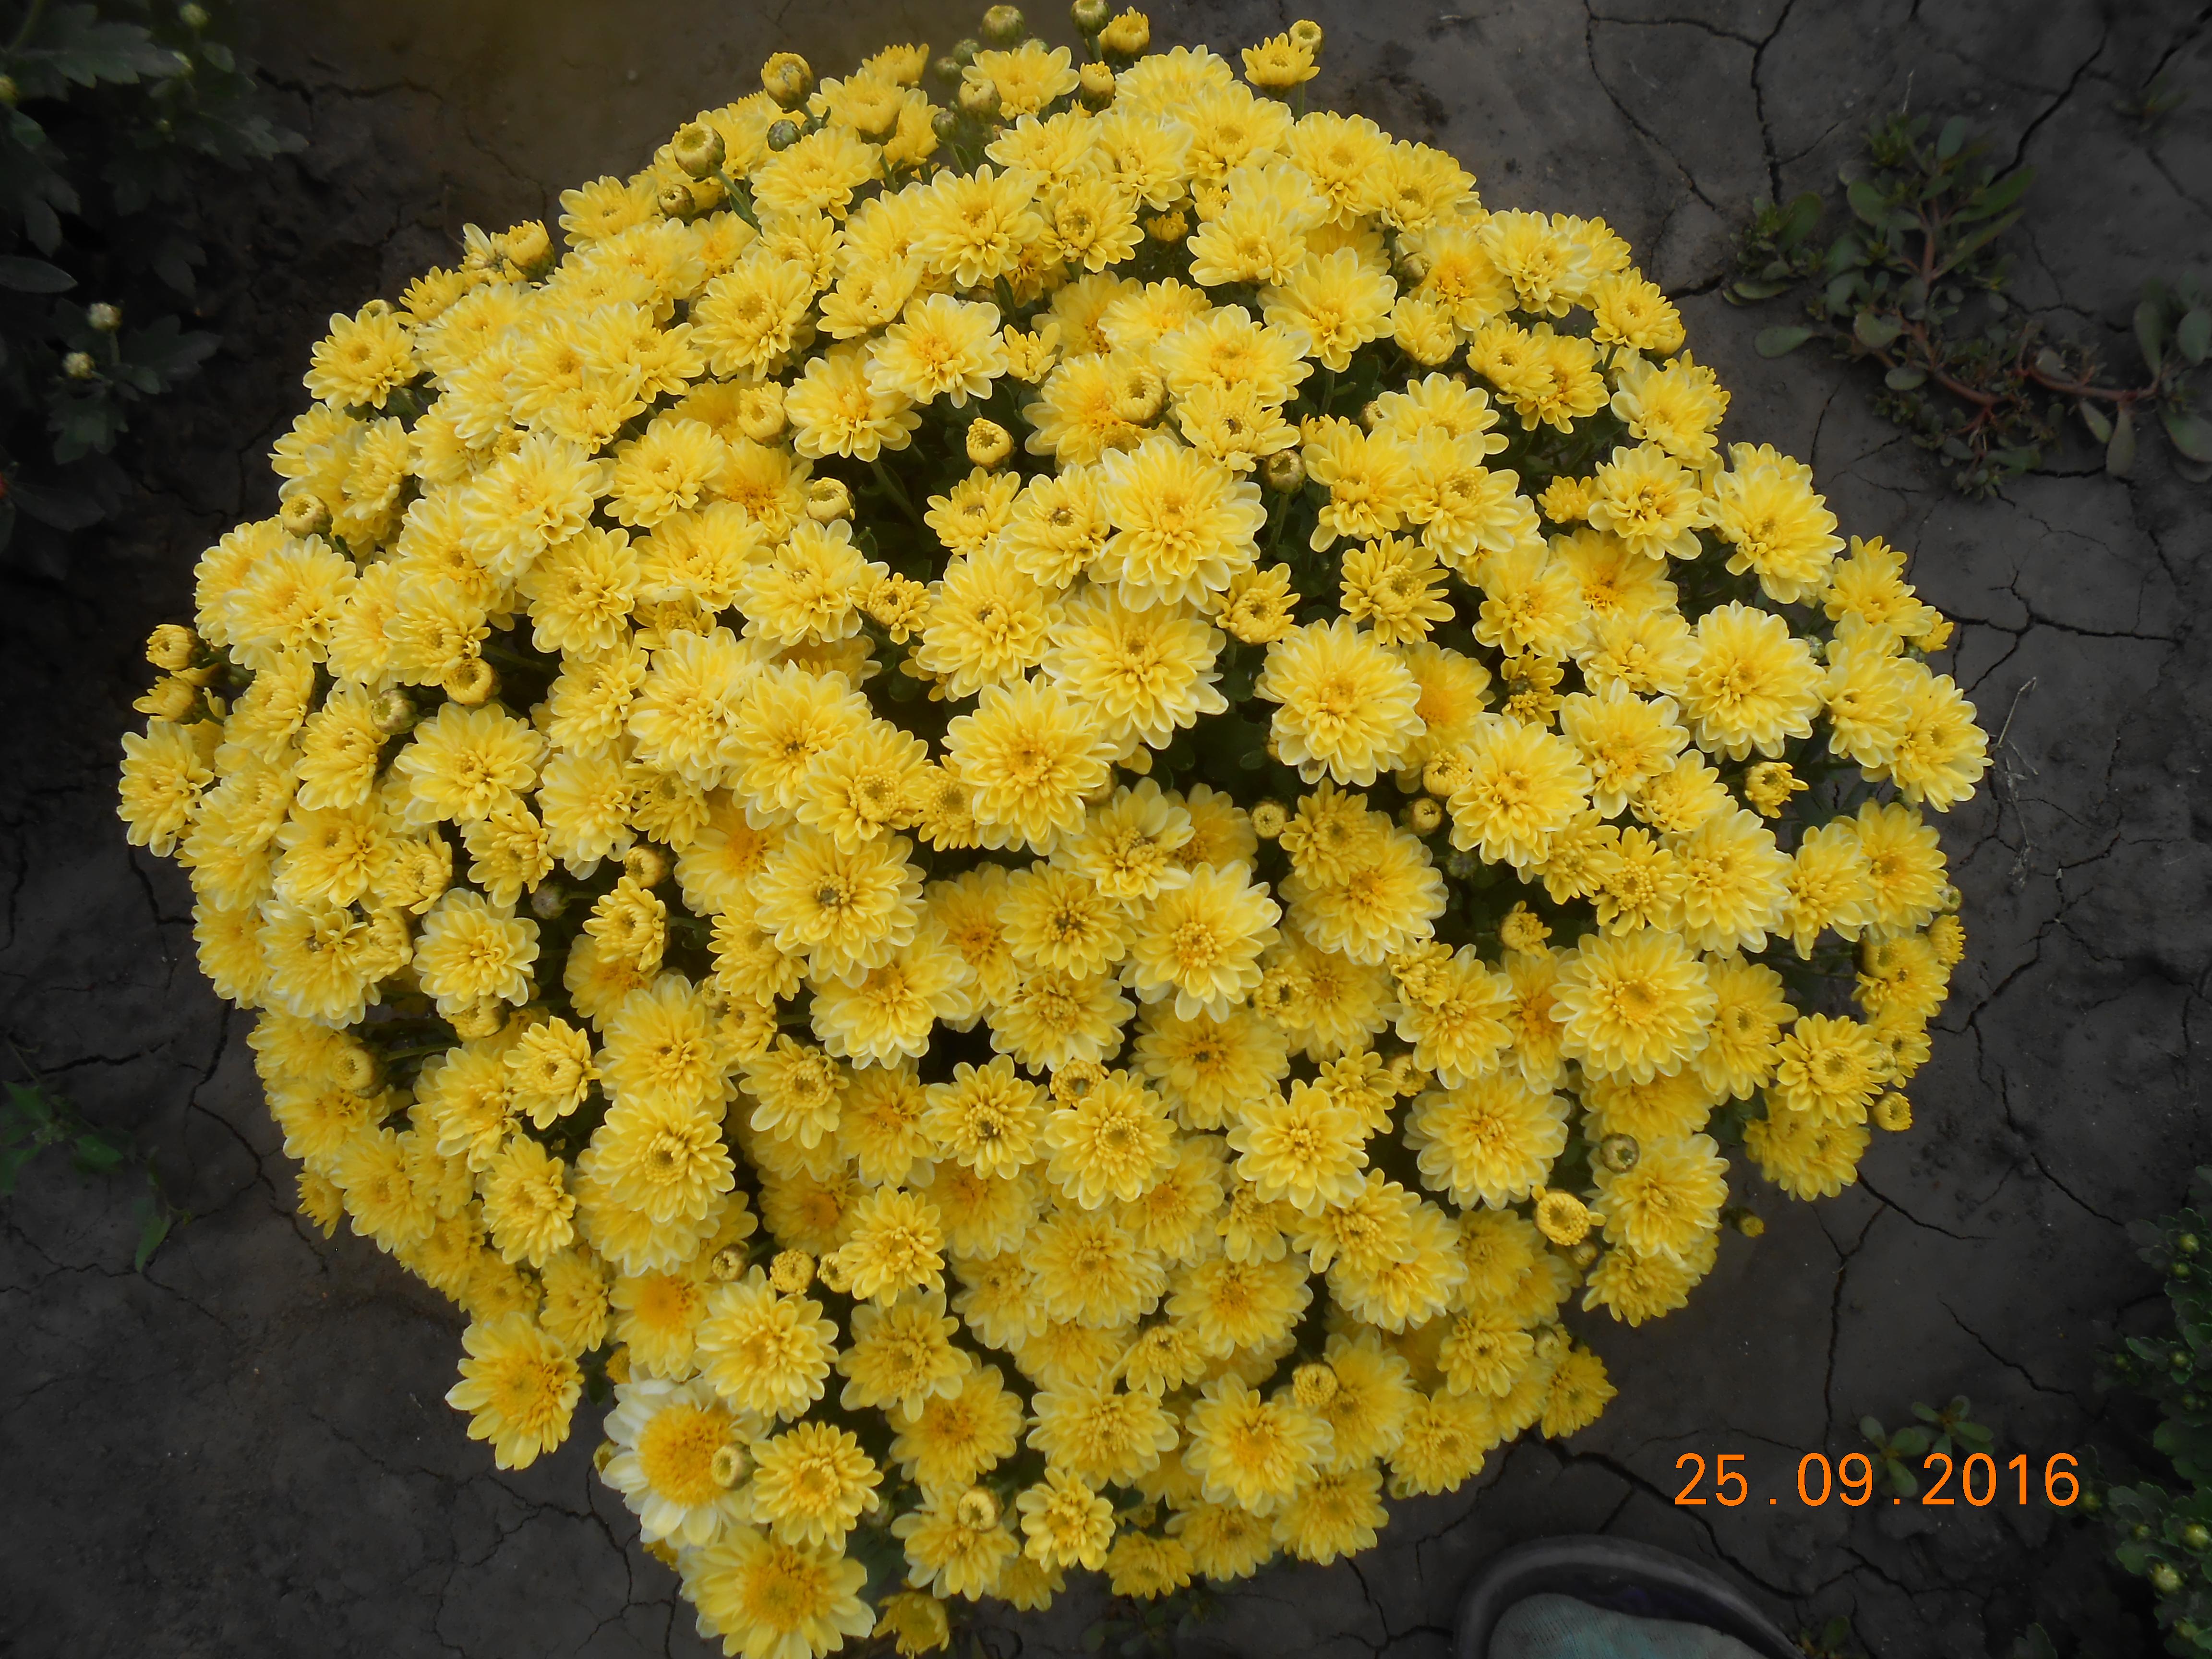 Выращивание хризантем в домашних условиях: посадка и уход